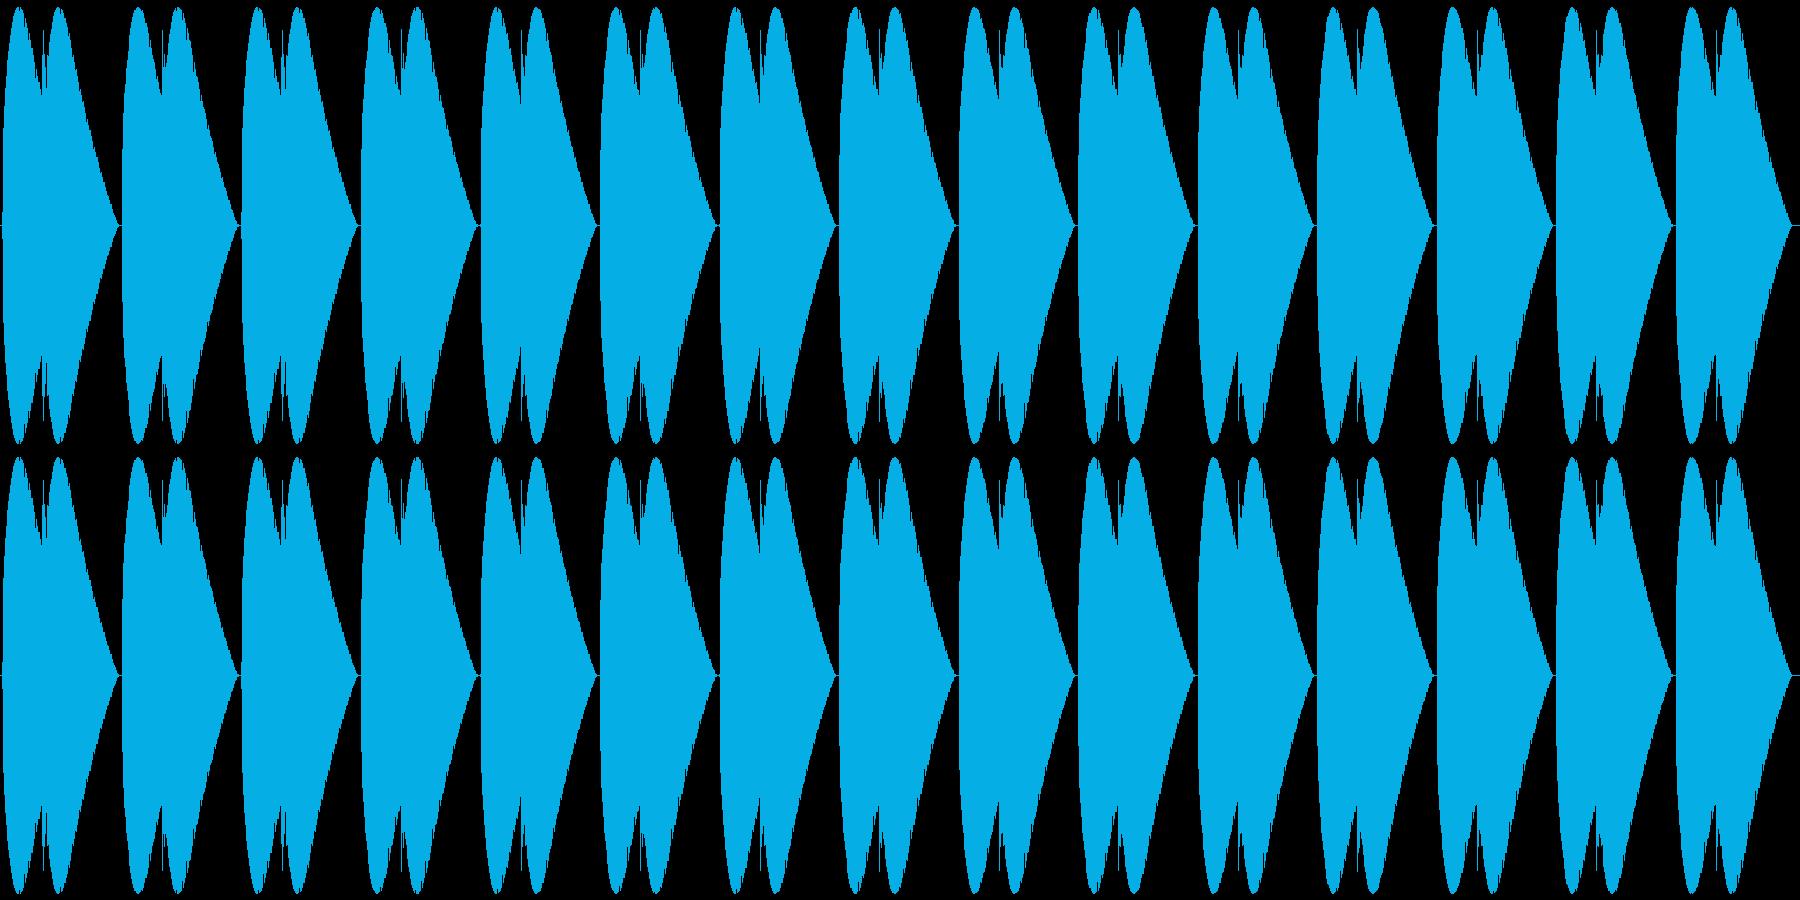 速めの心臓の鼓動の再生済みの波形